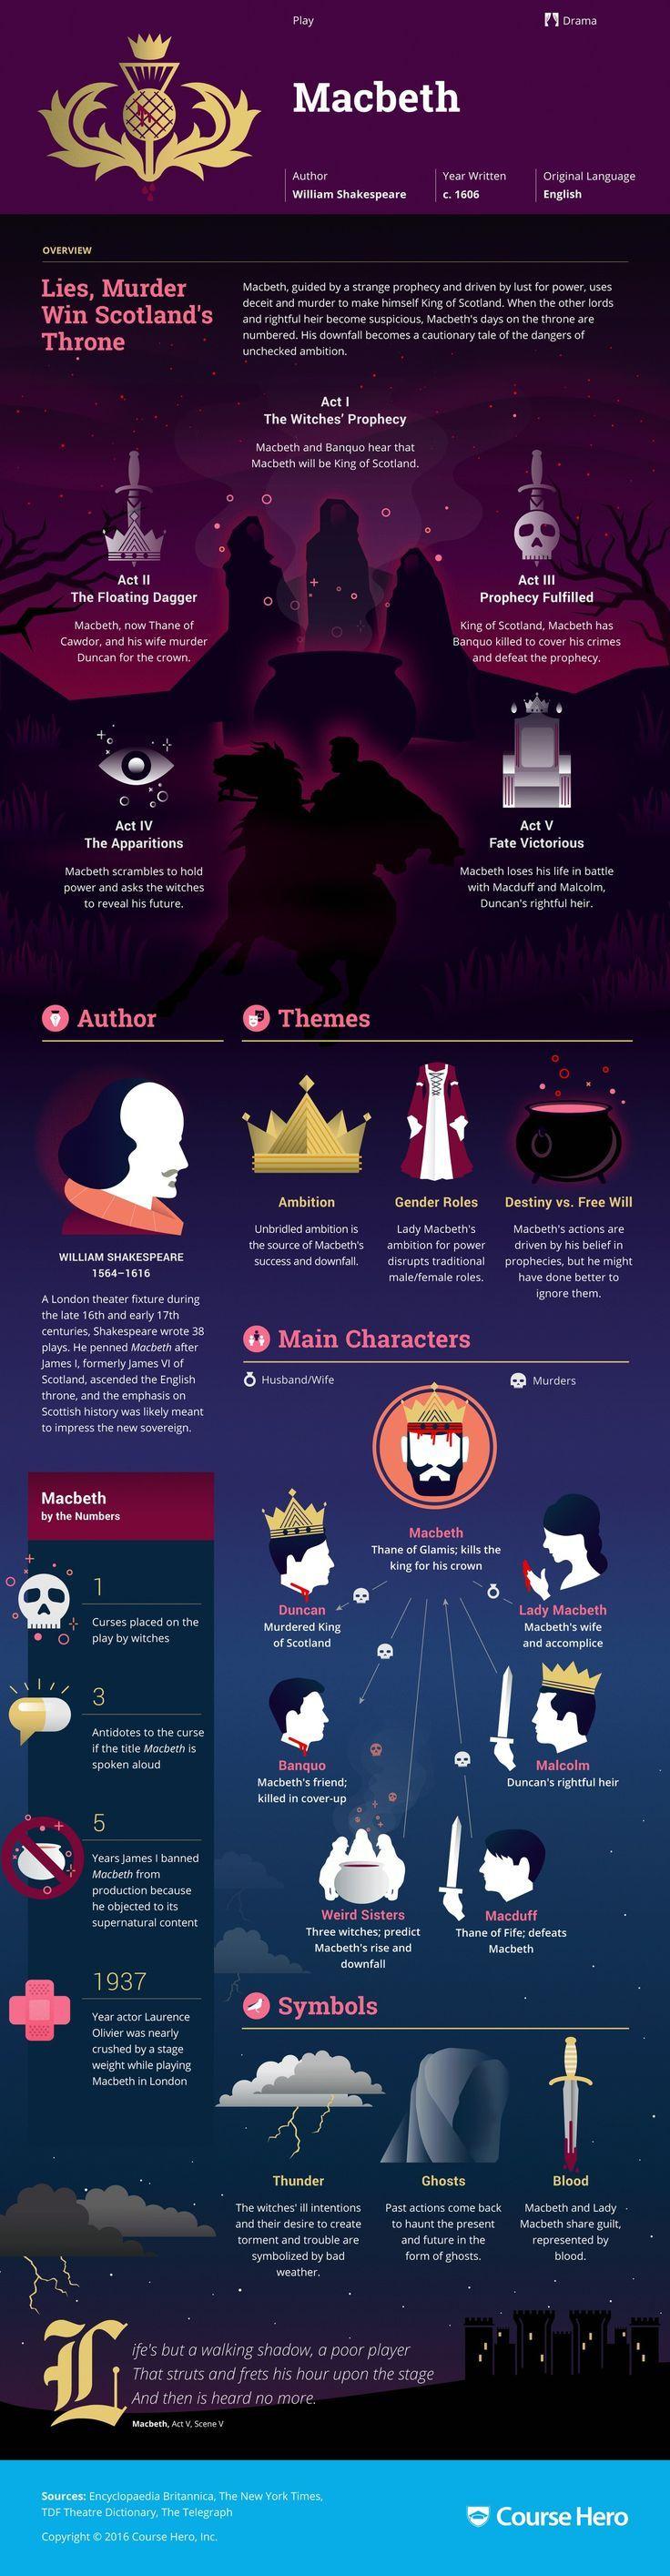 Macbeth Infographic   Course Hero